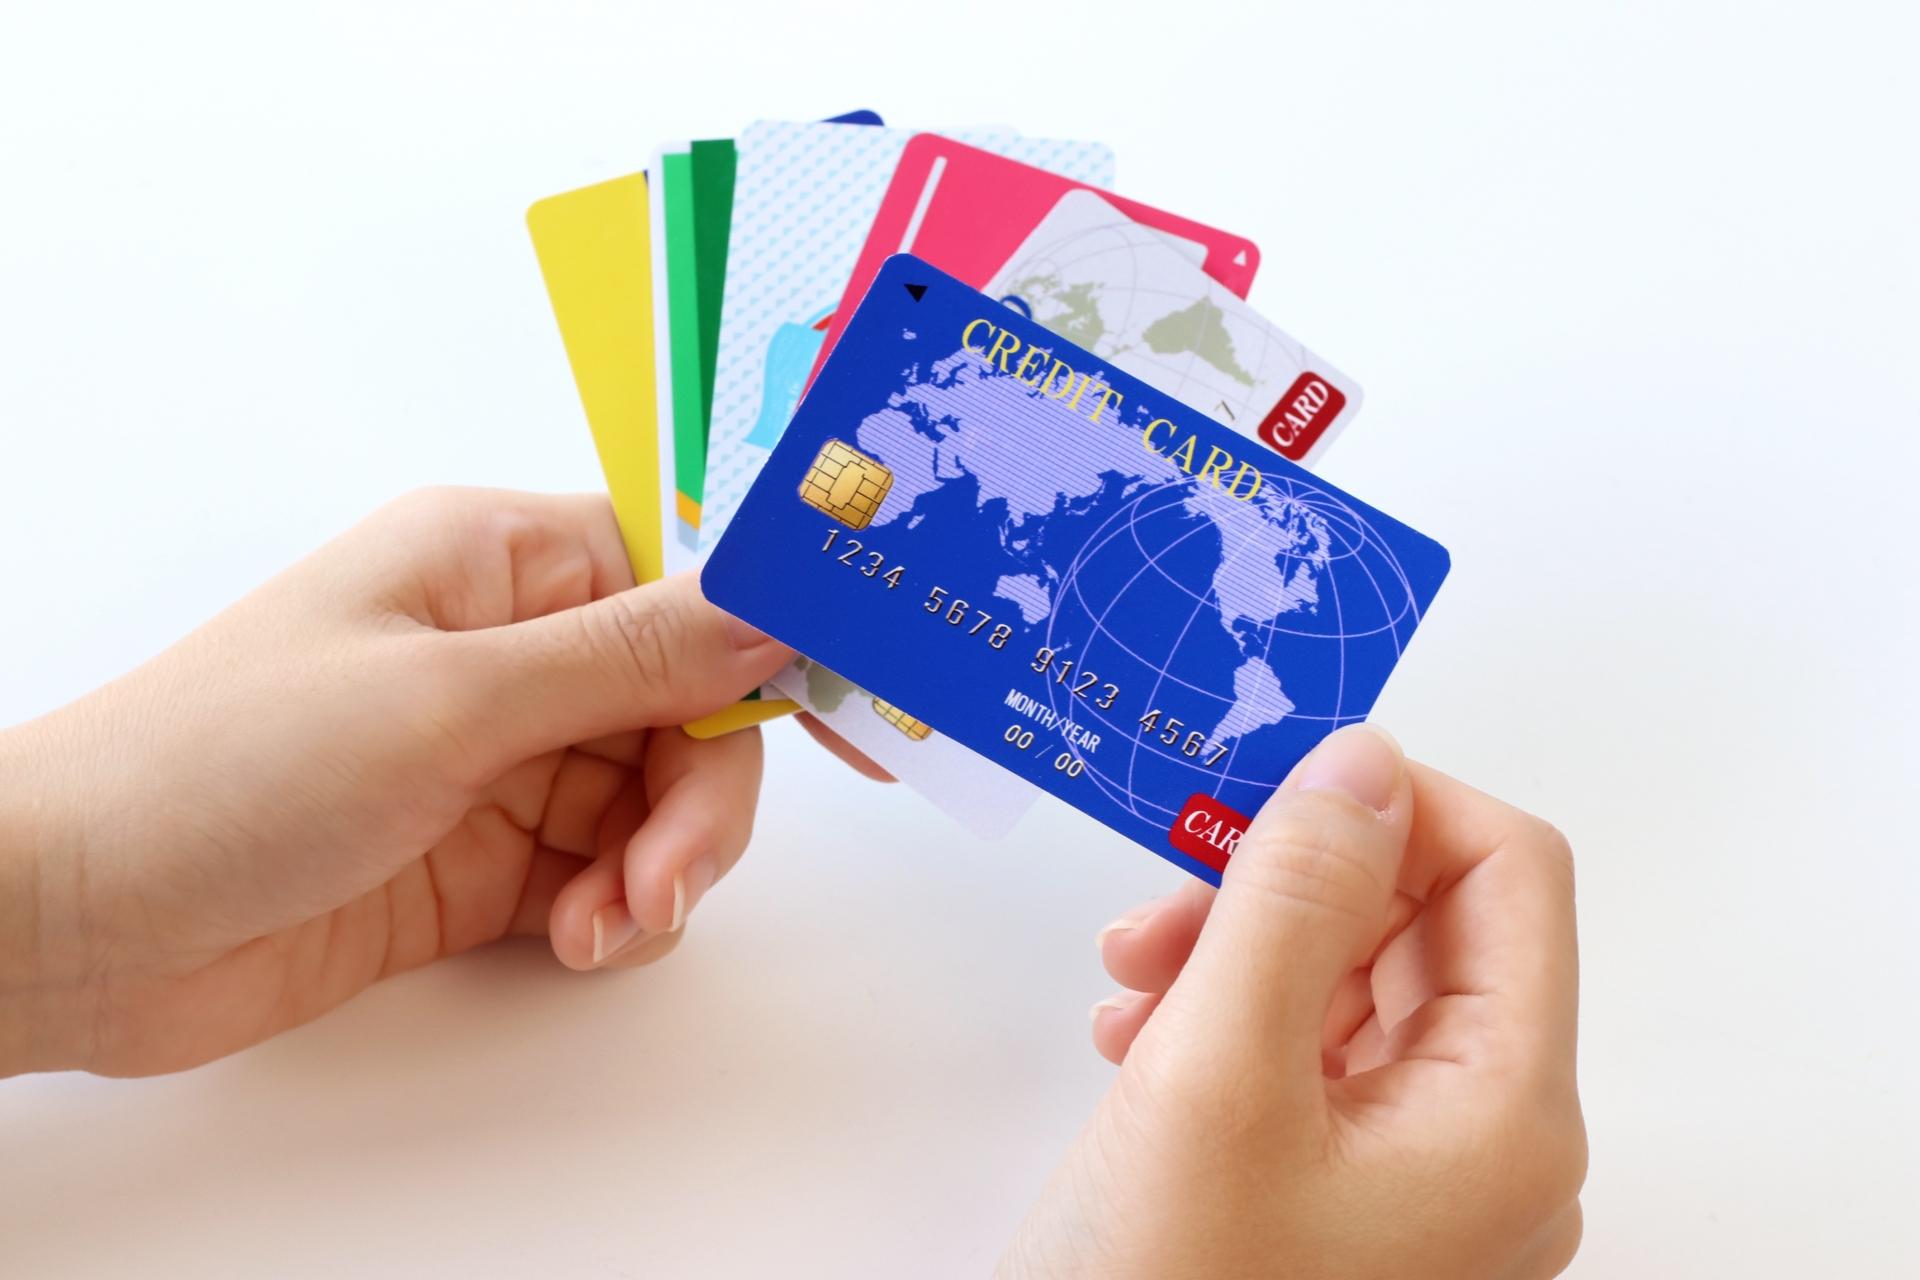 クレジットカードを選択するイメージ